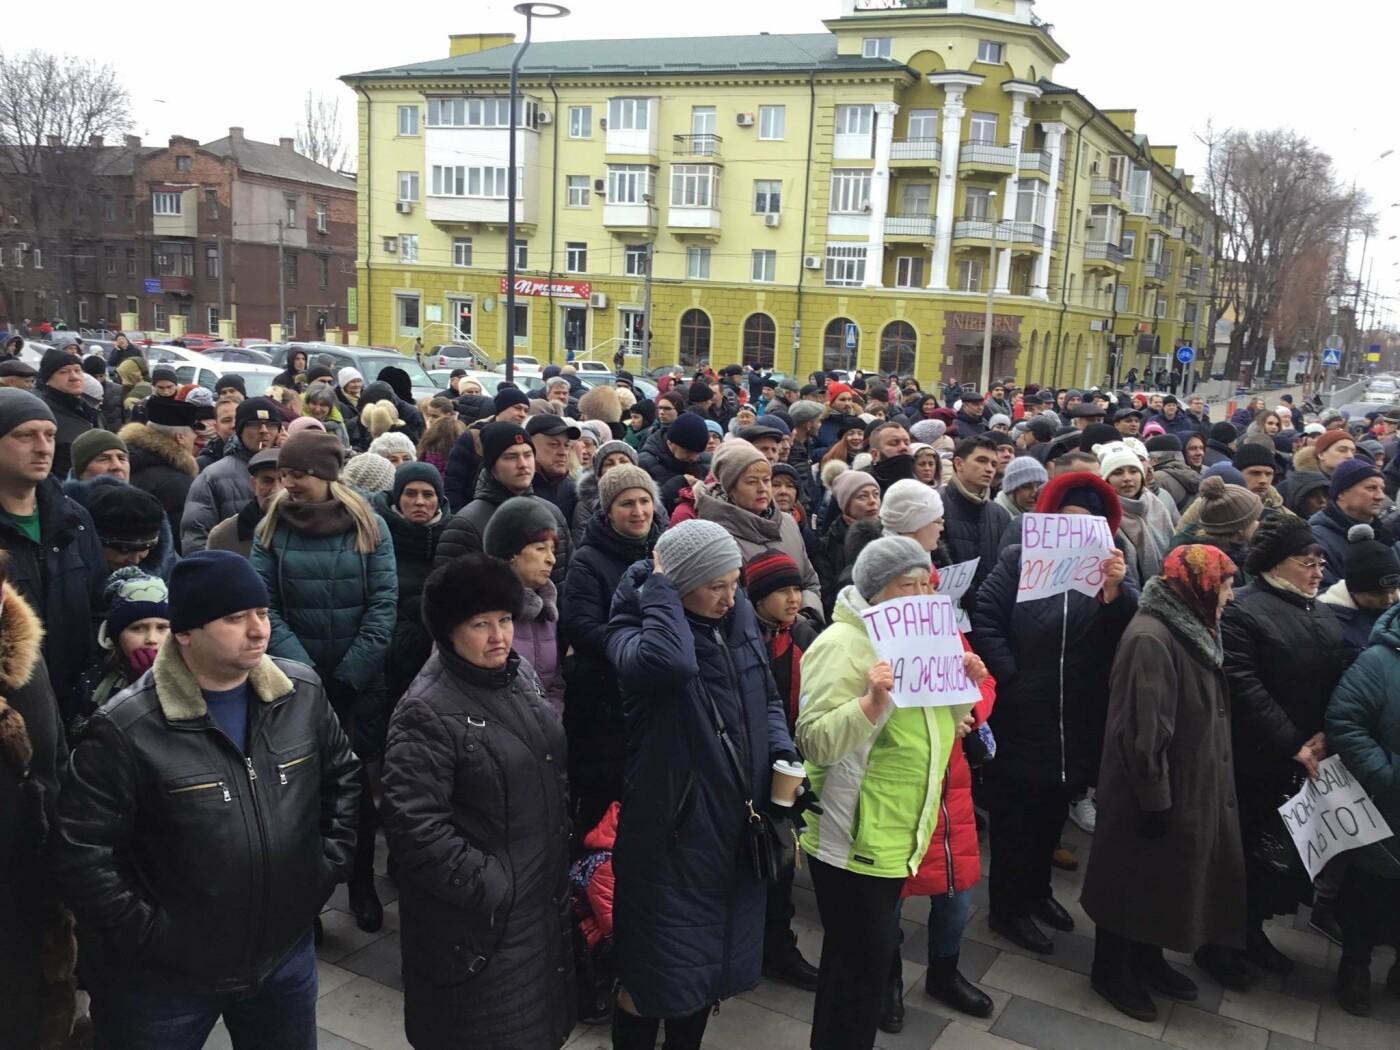 Мариупольцы митингуют против повышения тарифов на проезд, - ФОТО, ВИДЕО, Дополняется, фото-8